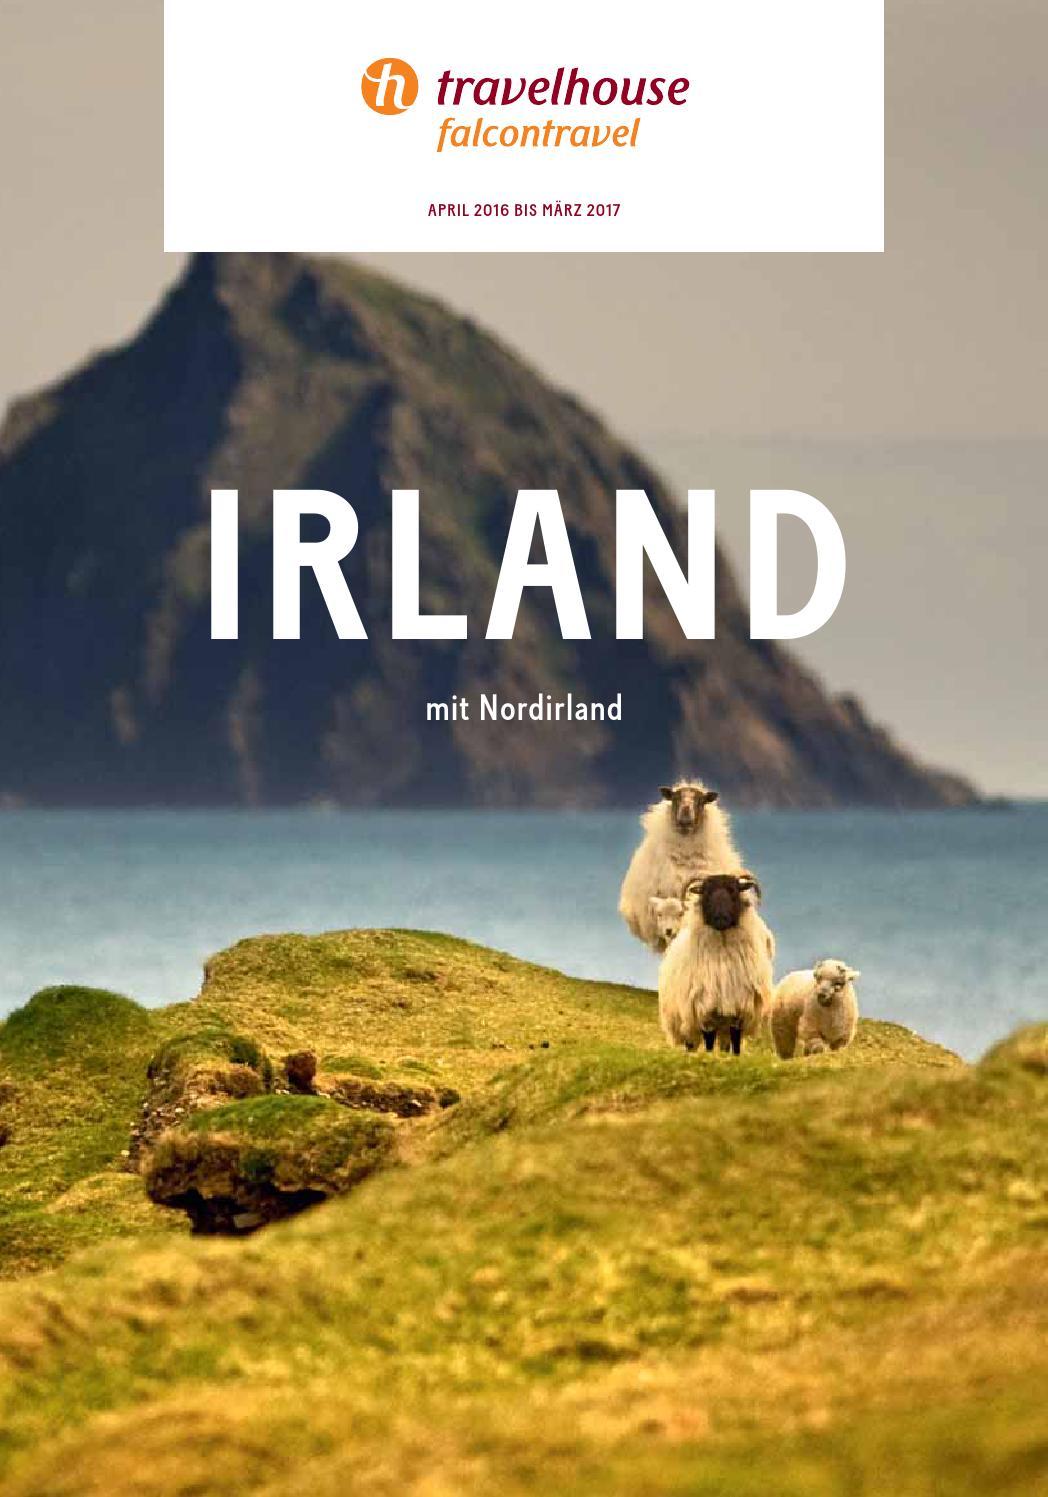 Travelhouse Irland April 2016 bis März 2017 by Hotelplan Suisse ...